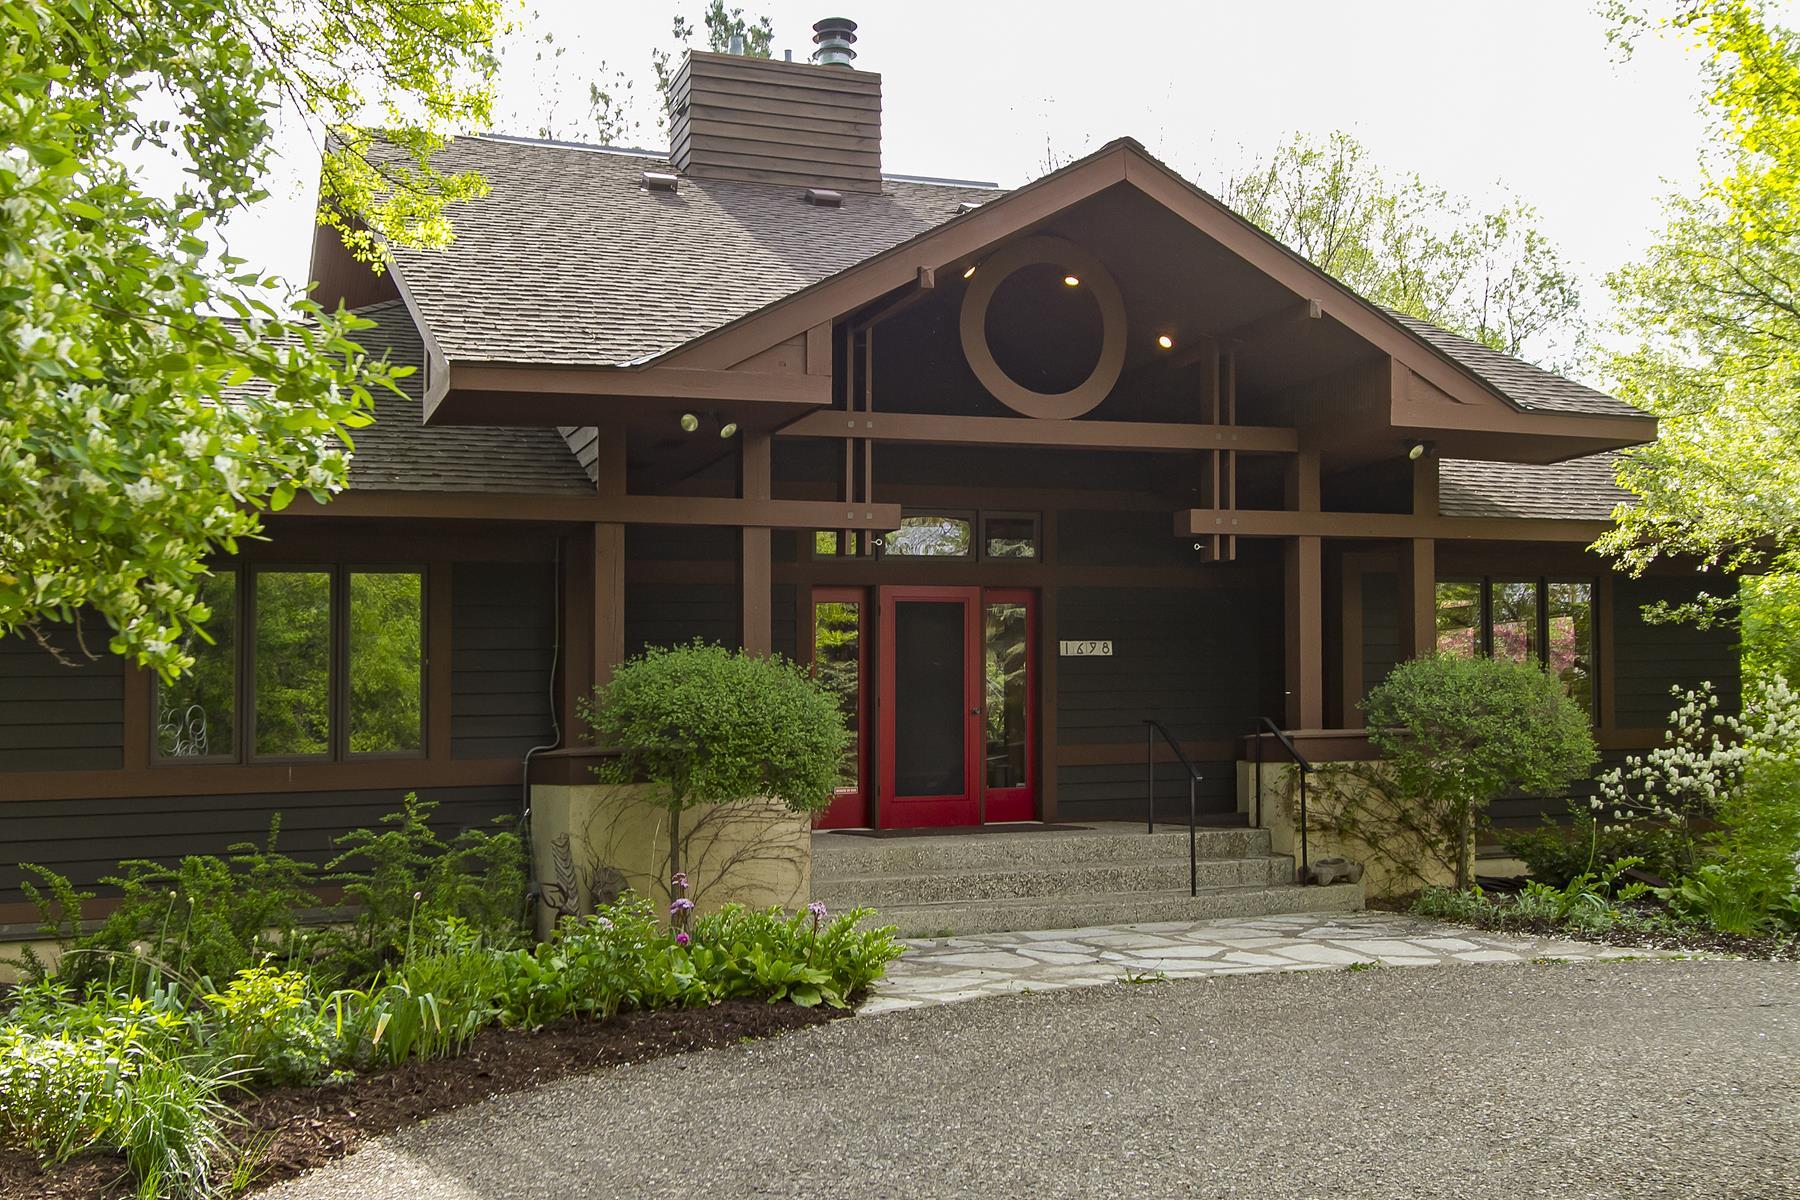 Maison unifamiliale pour l Vente à 1698 Dodd Road Mendota Heights, Minnesota, 55118 États-Unis